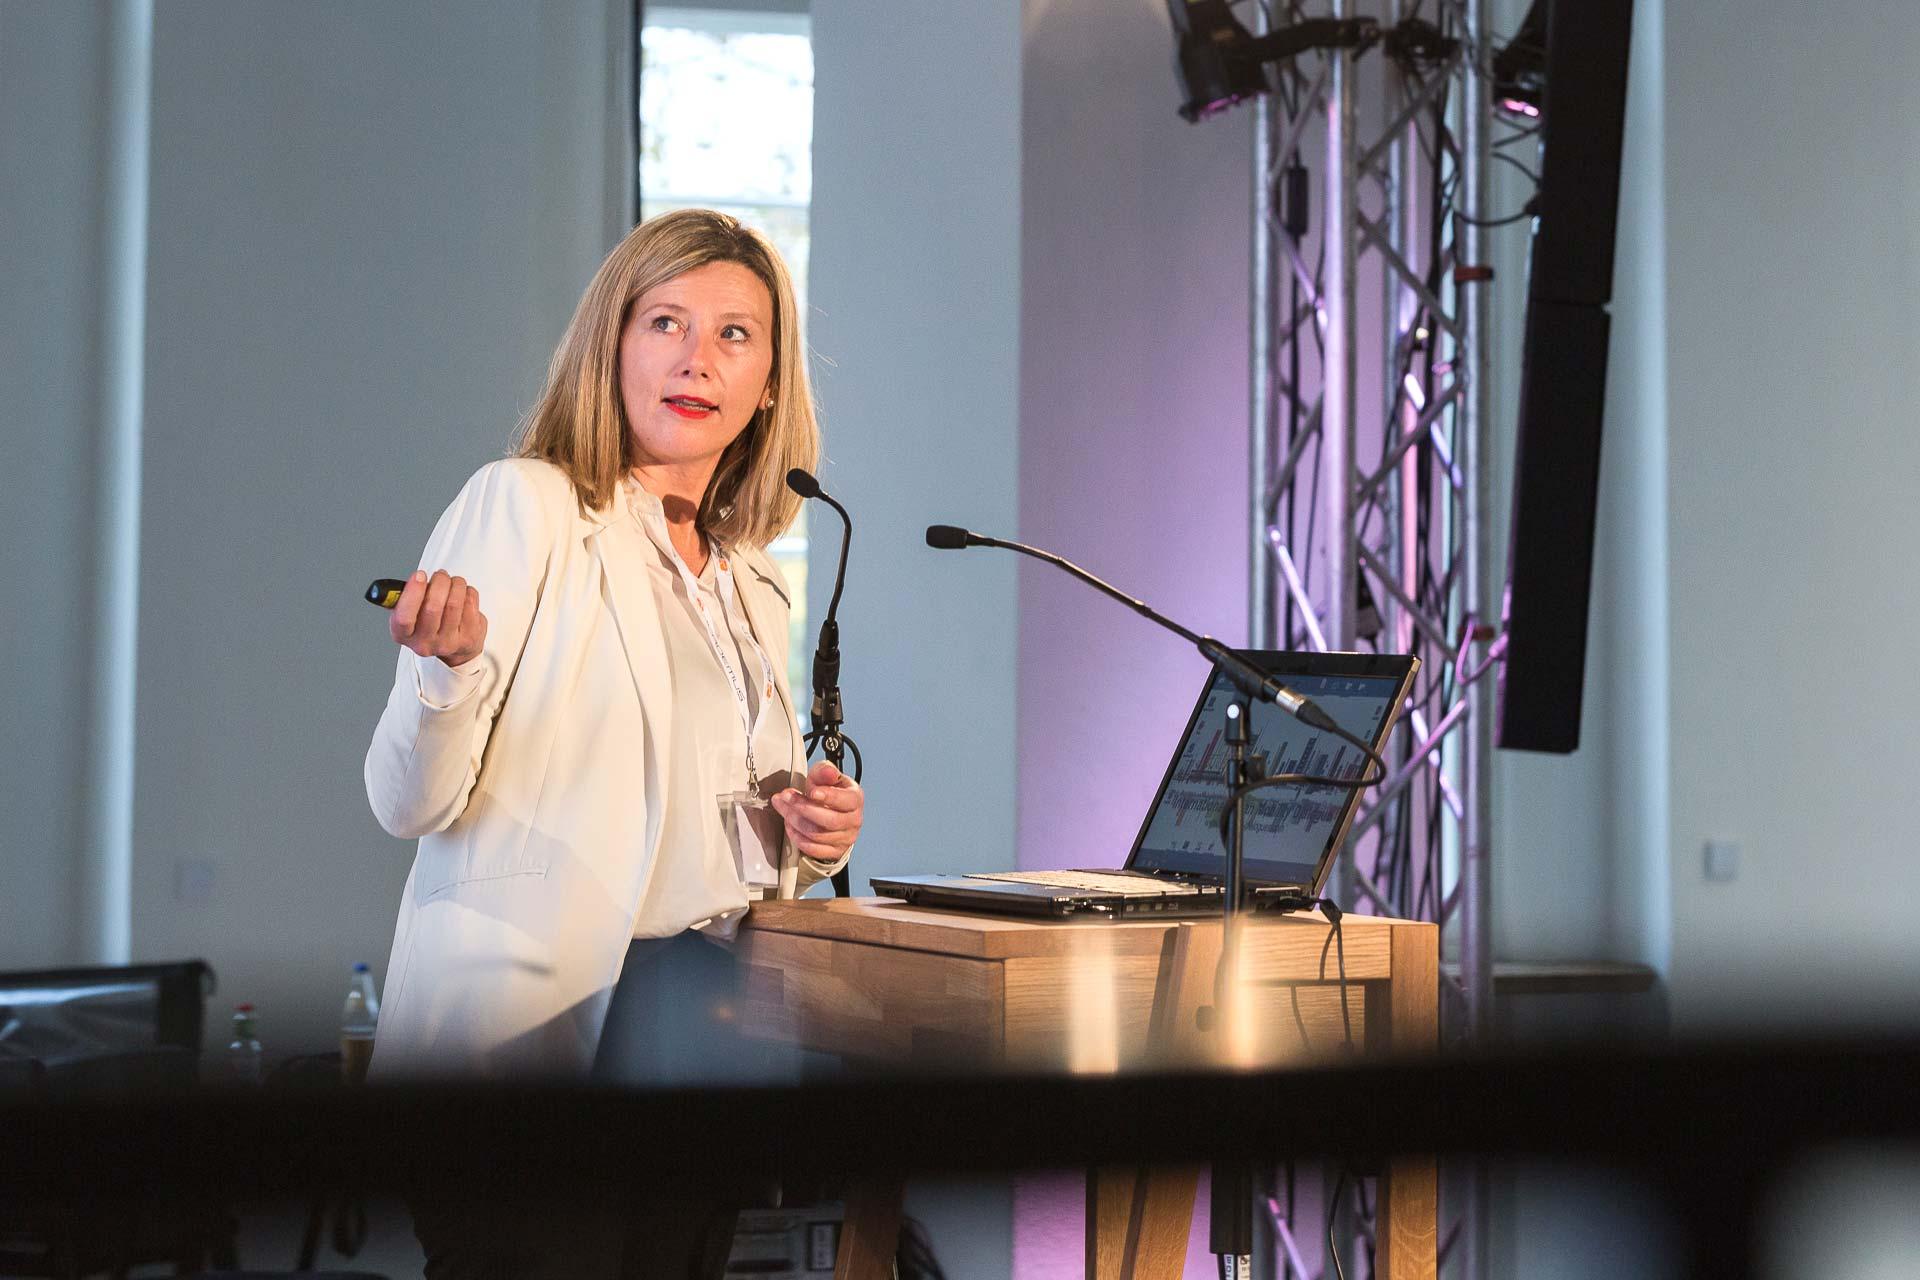 fotograf-berlin-vortrag-speaker-tagung-kongress